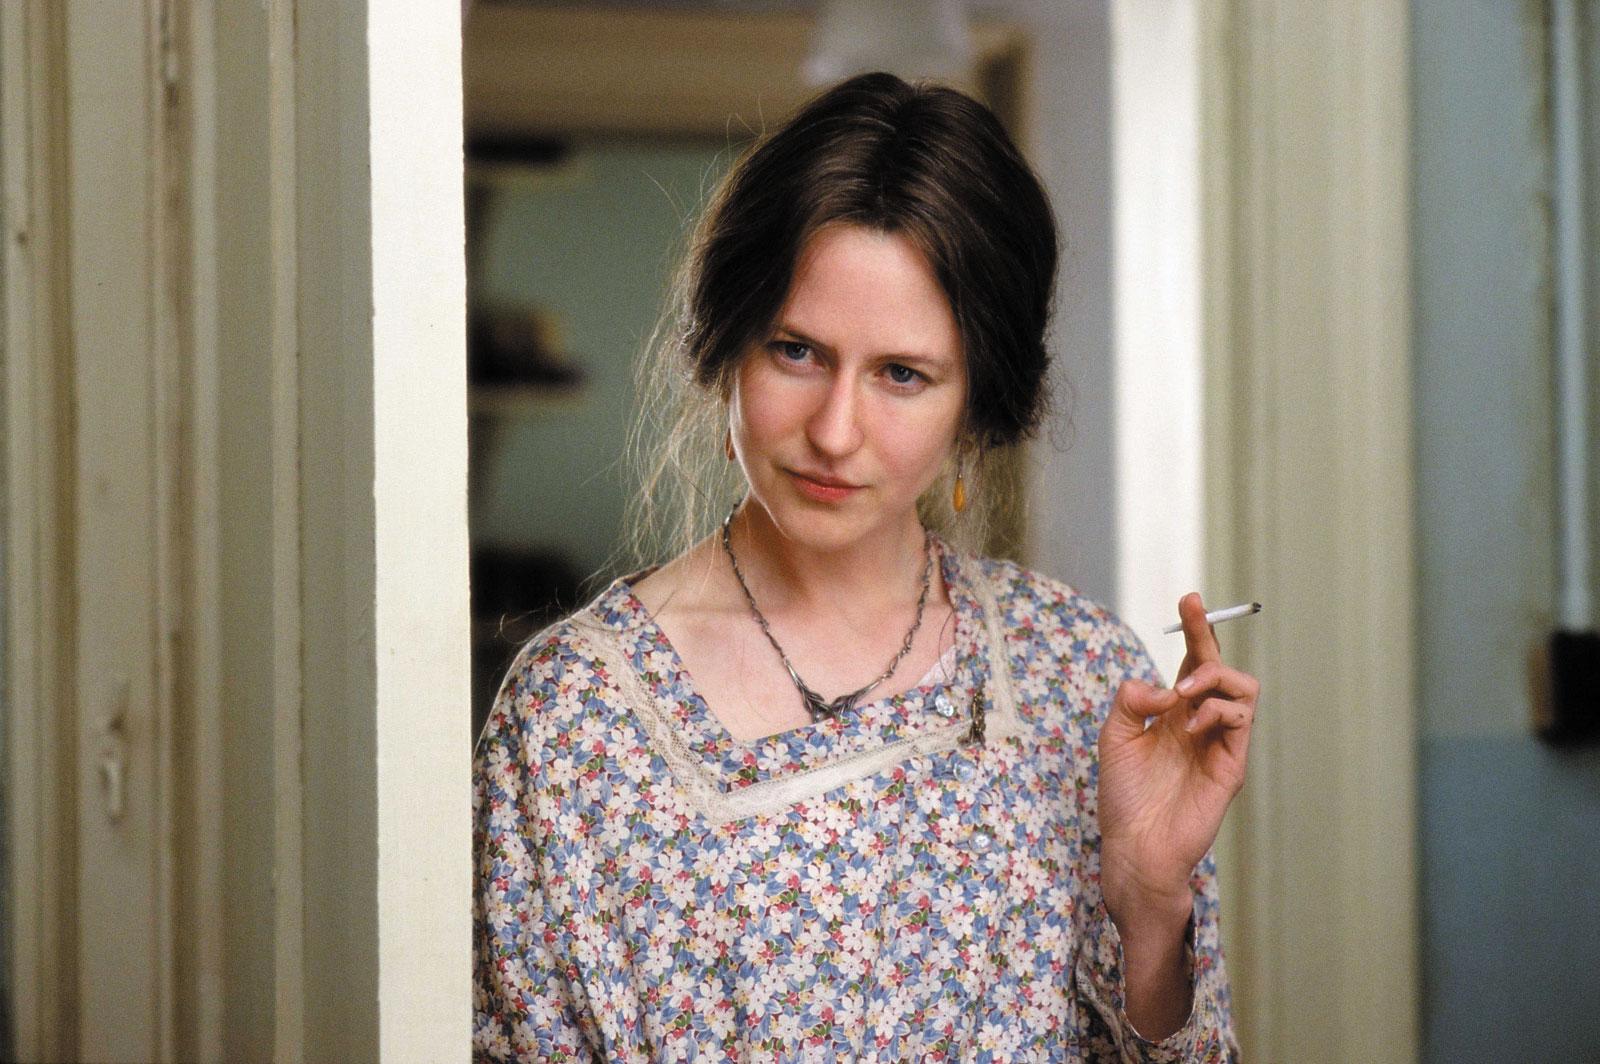 Στην ταινία The Hours, ως Virginia Woolf, ο ρόλος που της χάρισε το Όσκαρ ©Paramount/Miramax